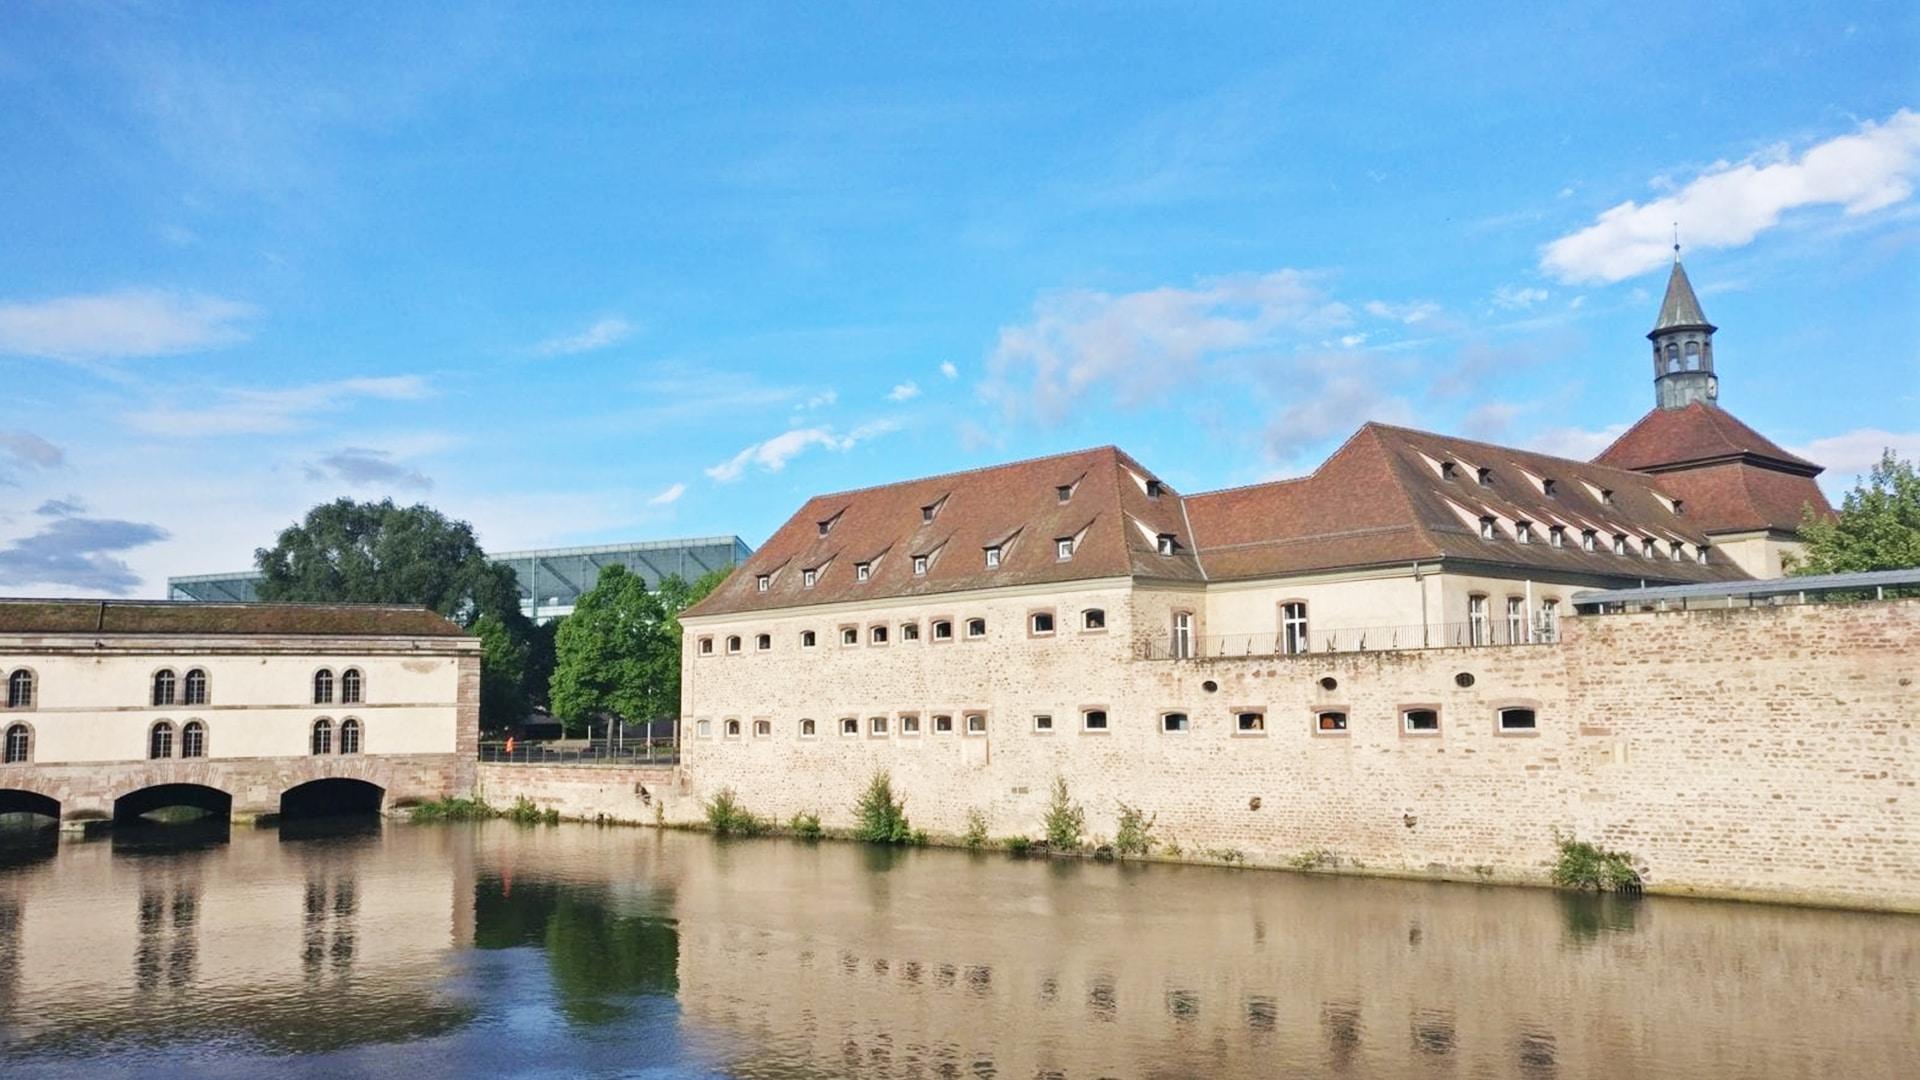 Visiter Strasbourg : le barrage Vauban